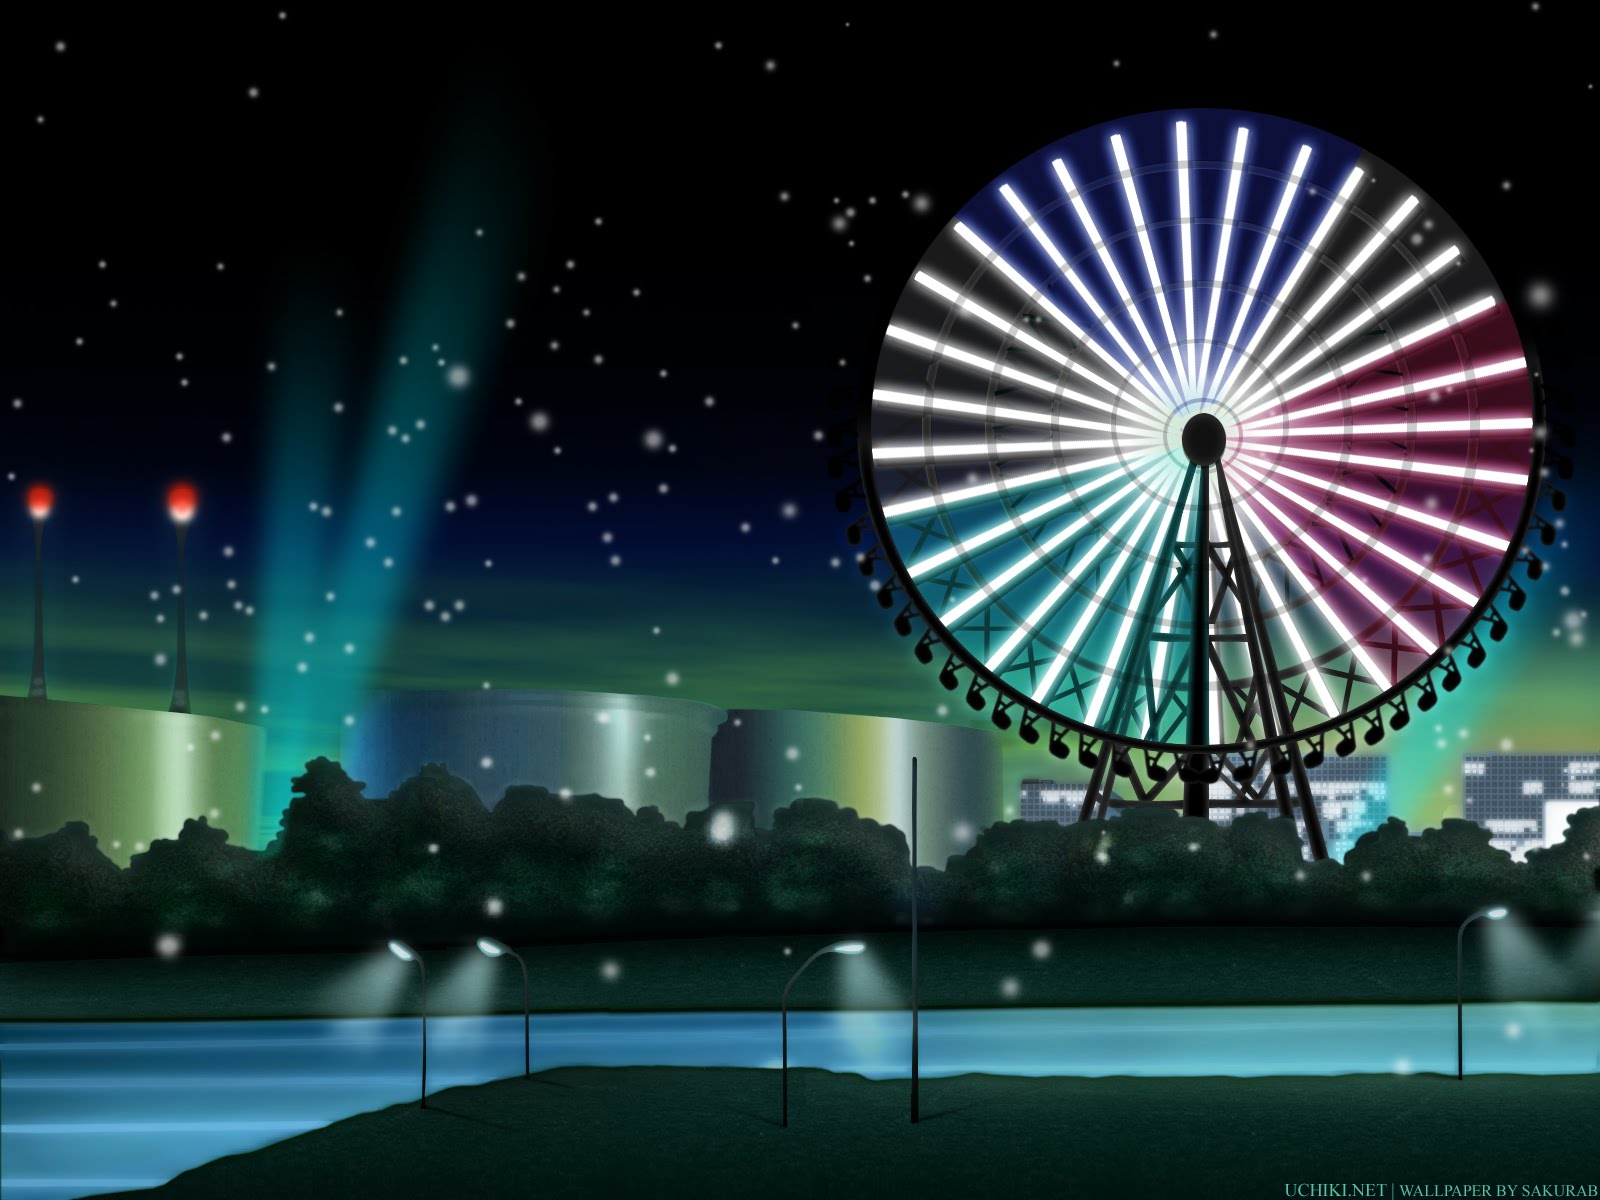 http://3.bp.blogspot.com/_0NP7OeZosa8/TJSkN40FnkI/AAAAAAAAFig/DkO7wzm08XI/s1600/Minitokyo.Inuyasha.Wallpapers_321903.jpg